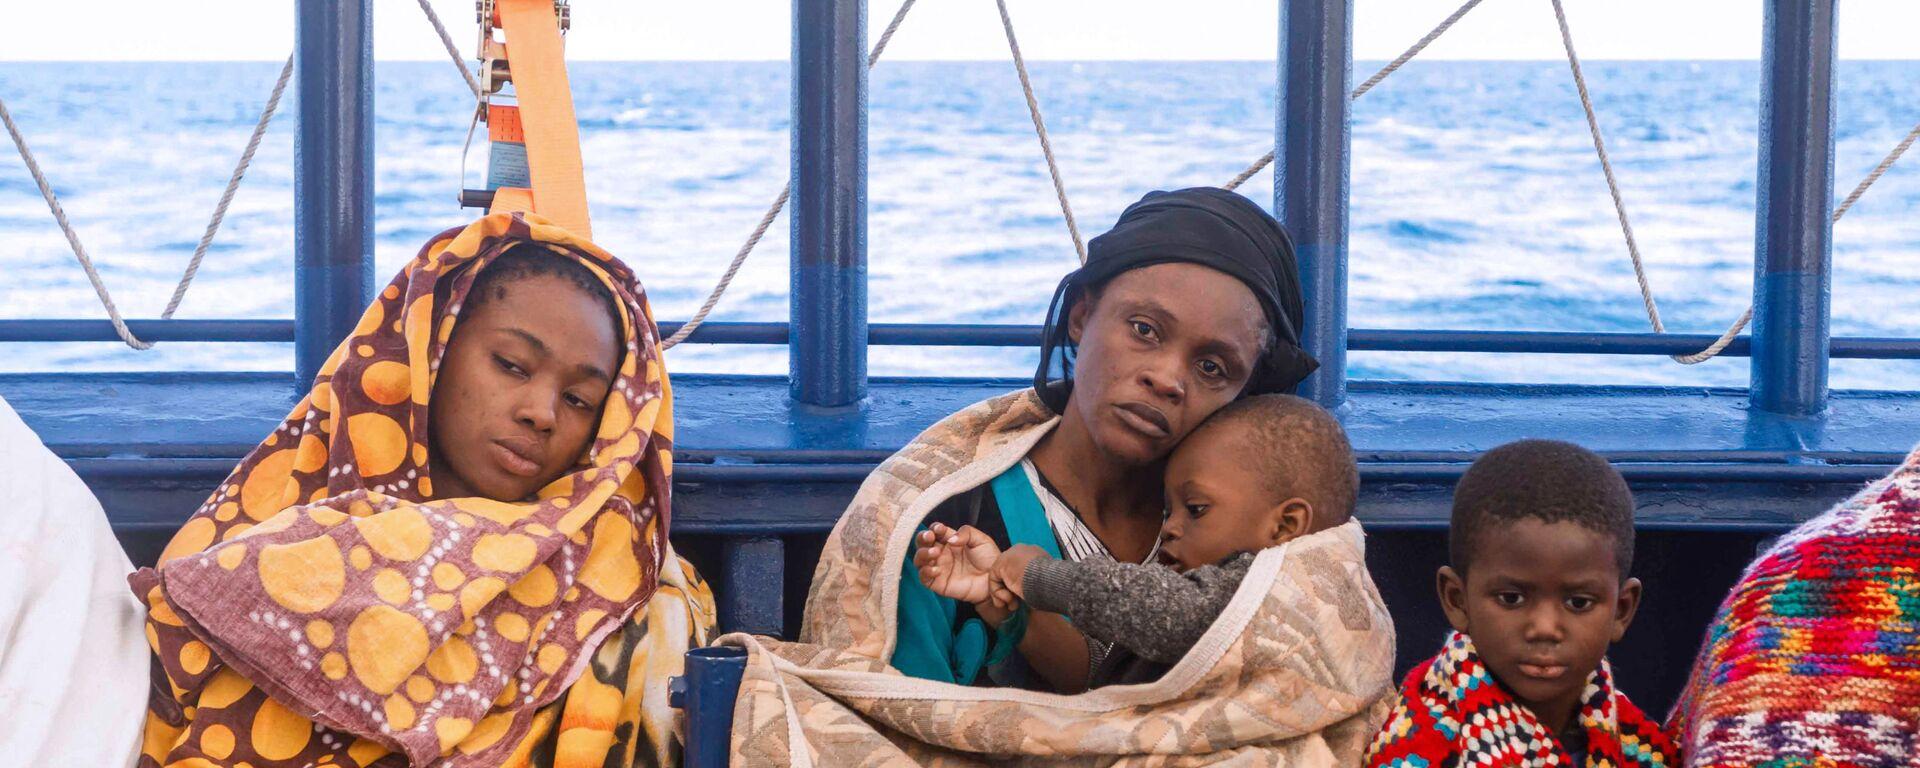 Un gruppo di migranti libici a bordo del battello di salvataggio Aita Mari  - Sputnik Italia, 1920, 29.08.2021